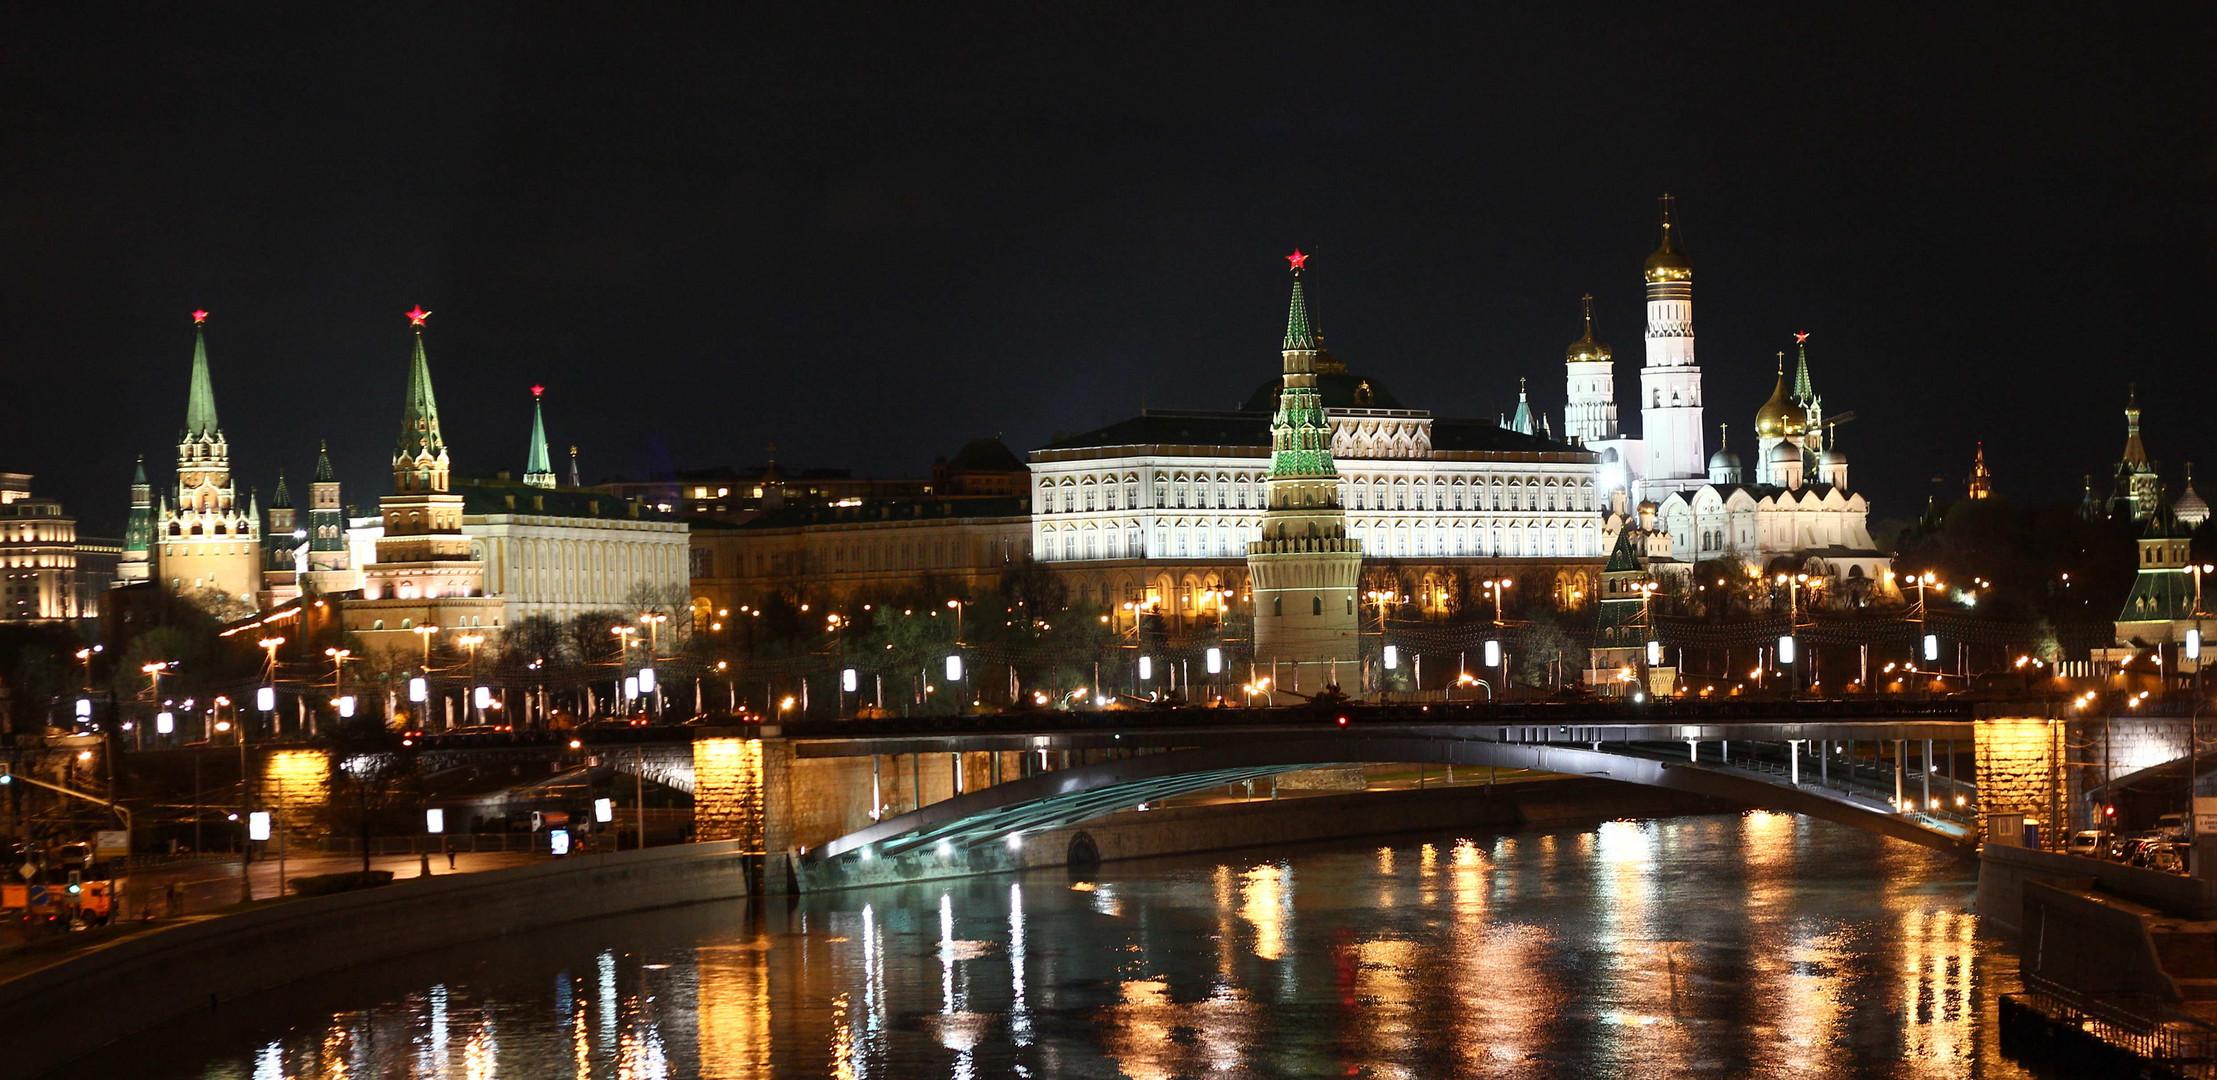 Der Moskauer Kreml bei Nacht